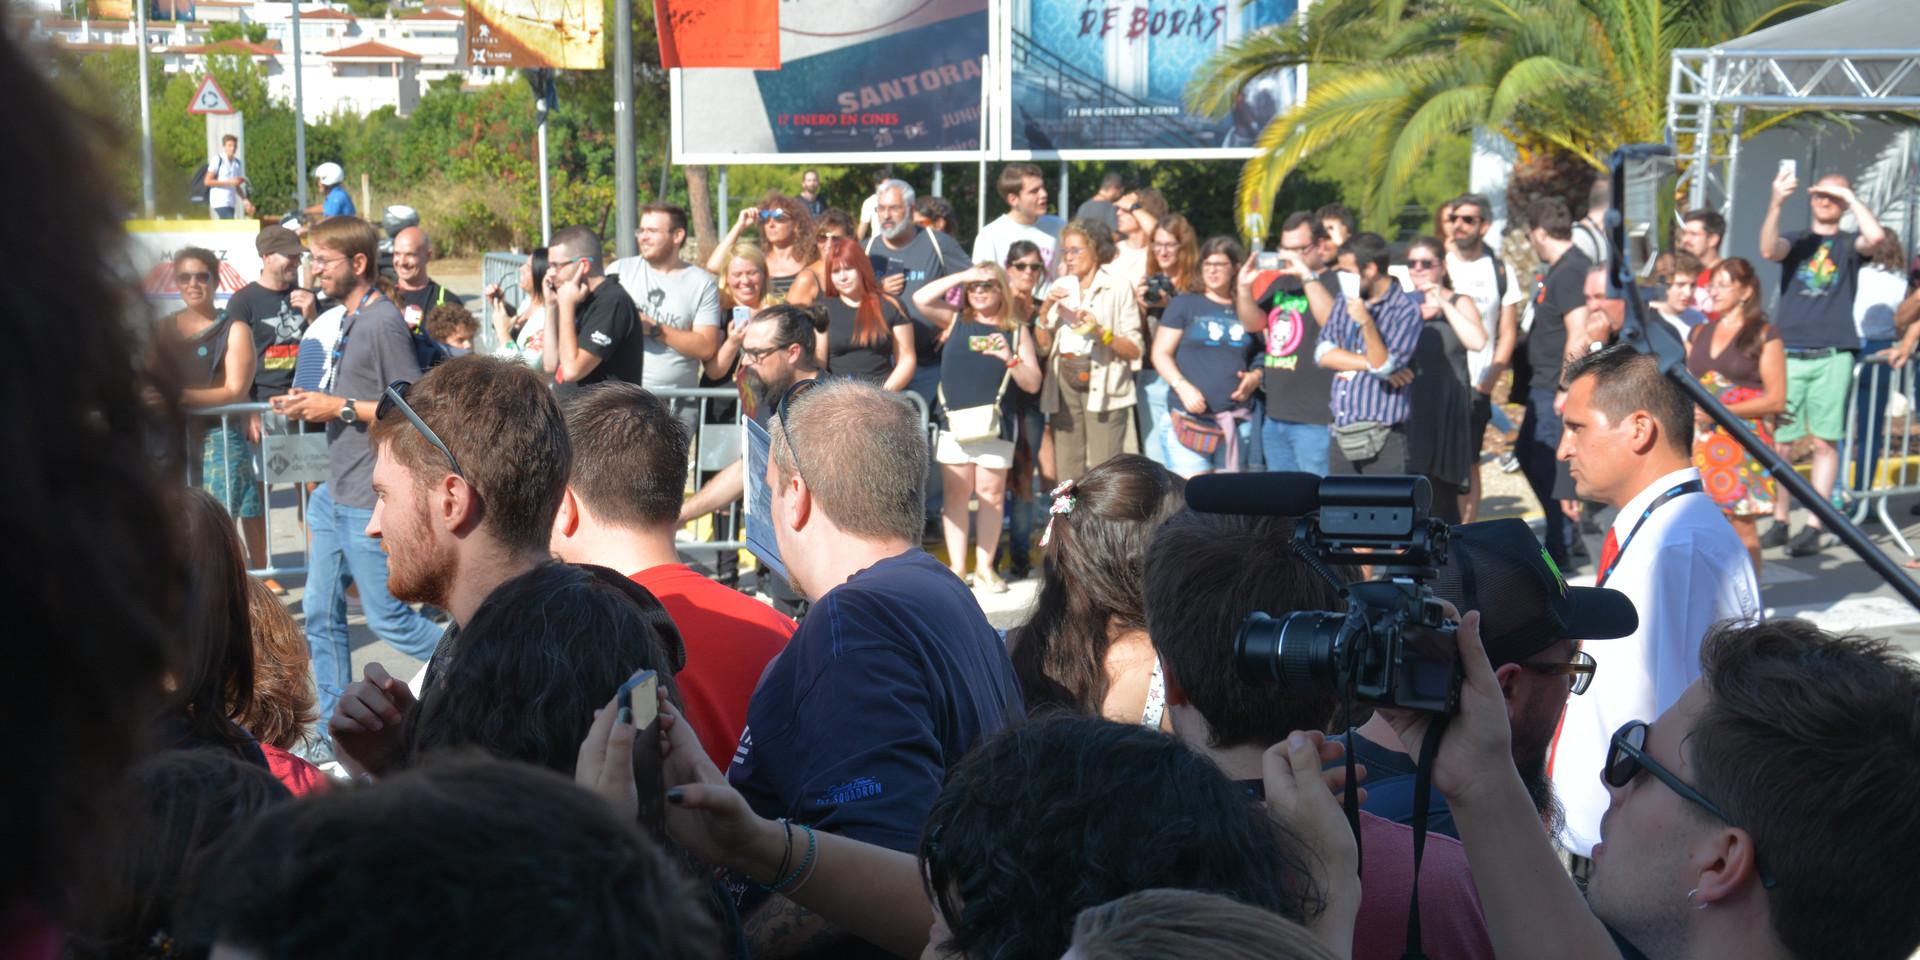 Moments de nervis entre els assistents per aconseguir una imatge, una signatura o unes paraules de Nikolaj Coster-Waldau